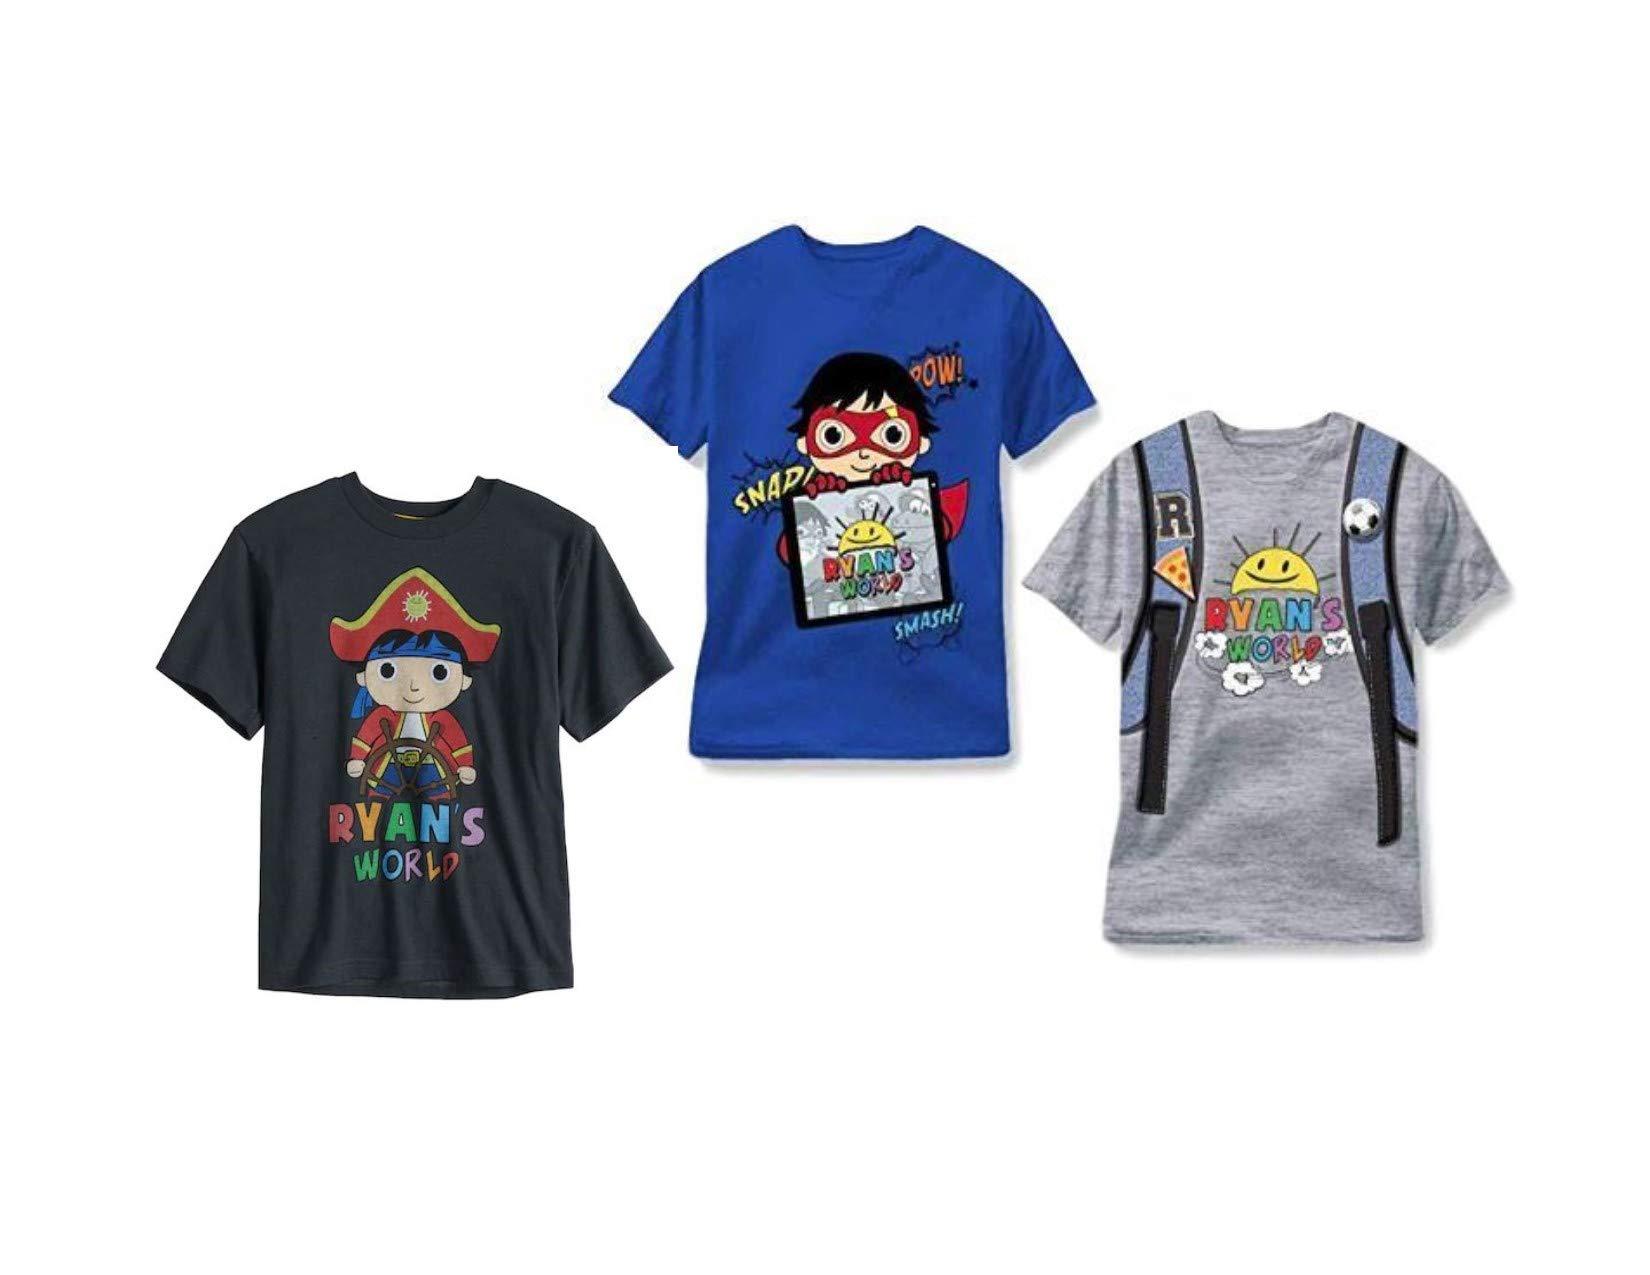 Ryan's World 3 Pack T Shirt Tee (4)